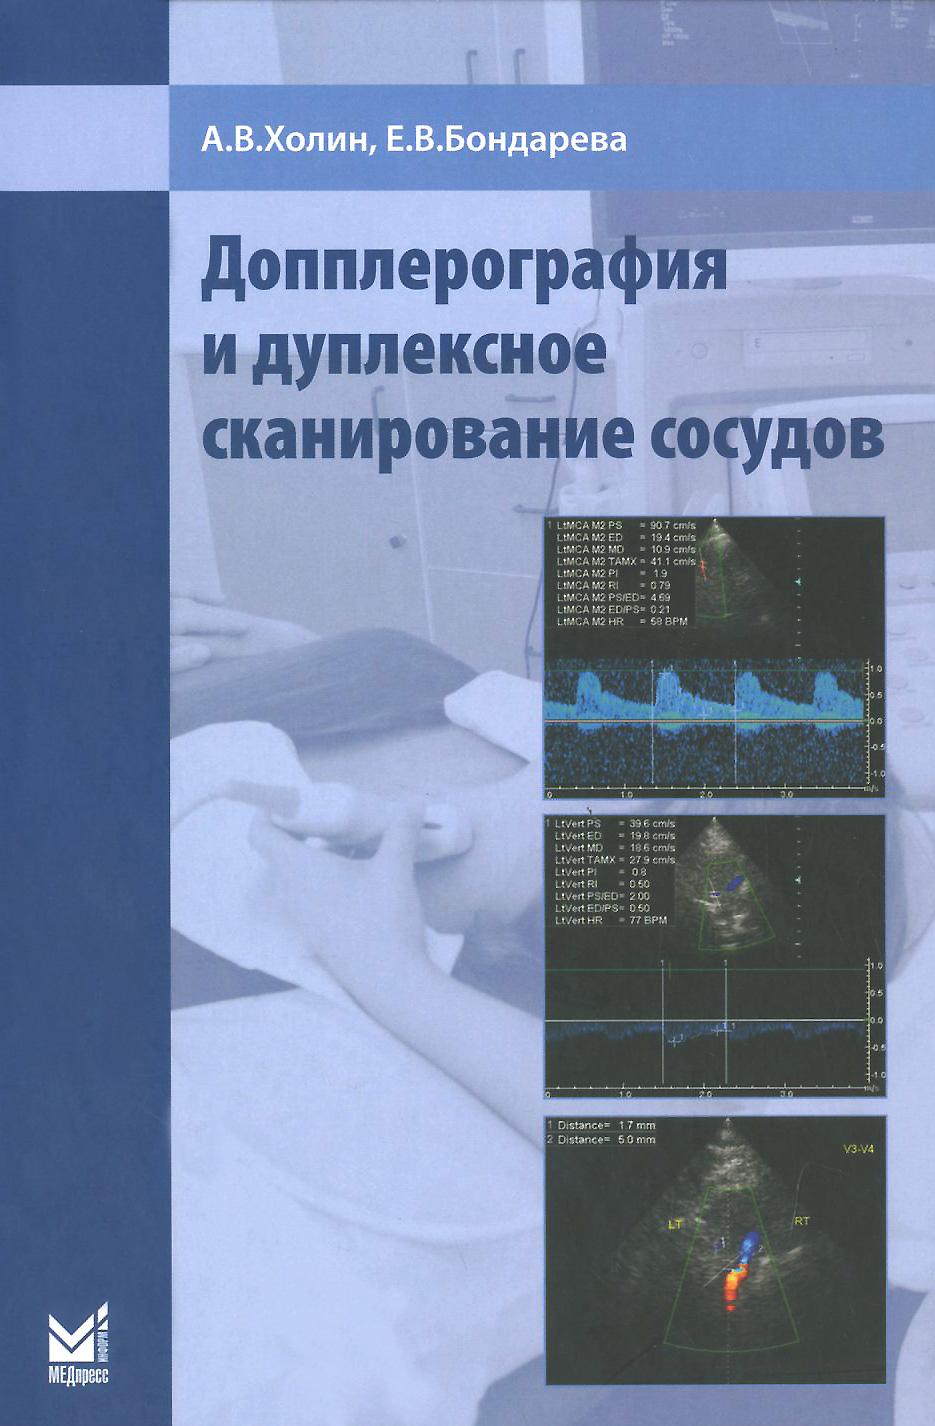 Допплерография и дуплексное сканирование сосудов, А. В. Холин, Е. В. Бондарева